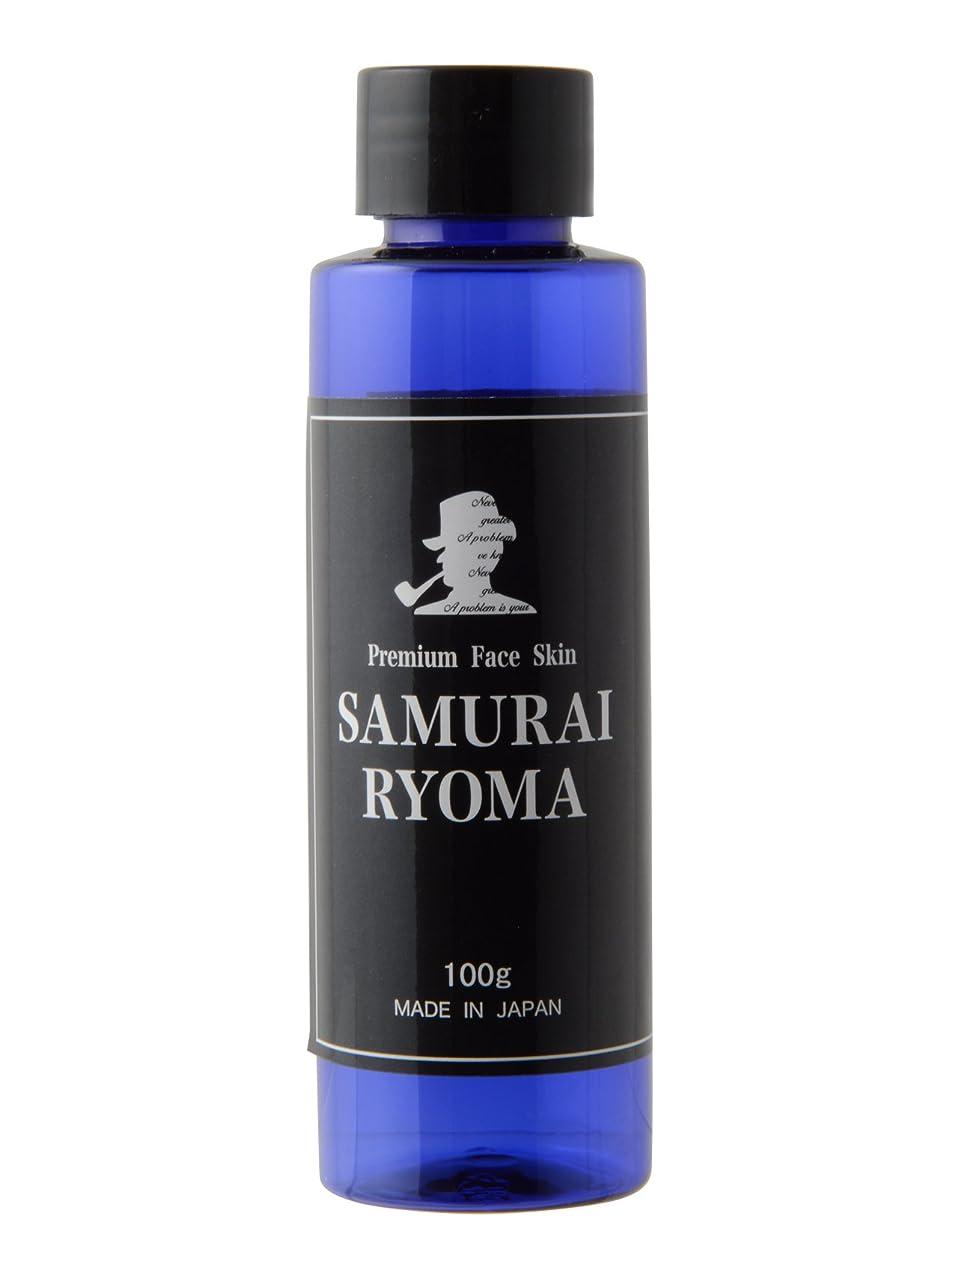 祈るはずメダリストサムライ リョウマ (SAMURAI RYOMA) オールインワン 化粧水 & アフターシェーブローション メンズ スキンケア 男性 用